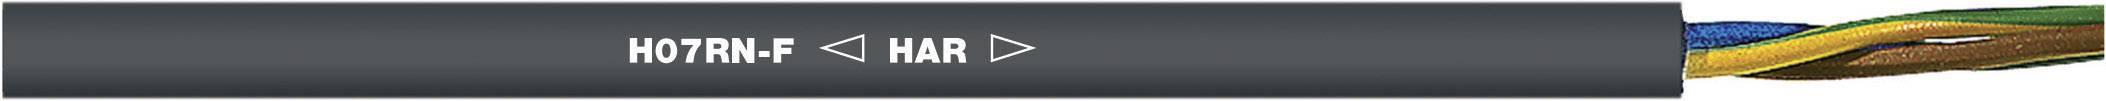 Připojovací kabel H07RN-F 7 G 2.50 mm² černá LappKabel 1600152 metrové zboží